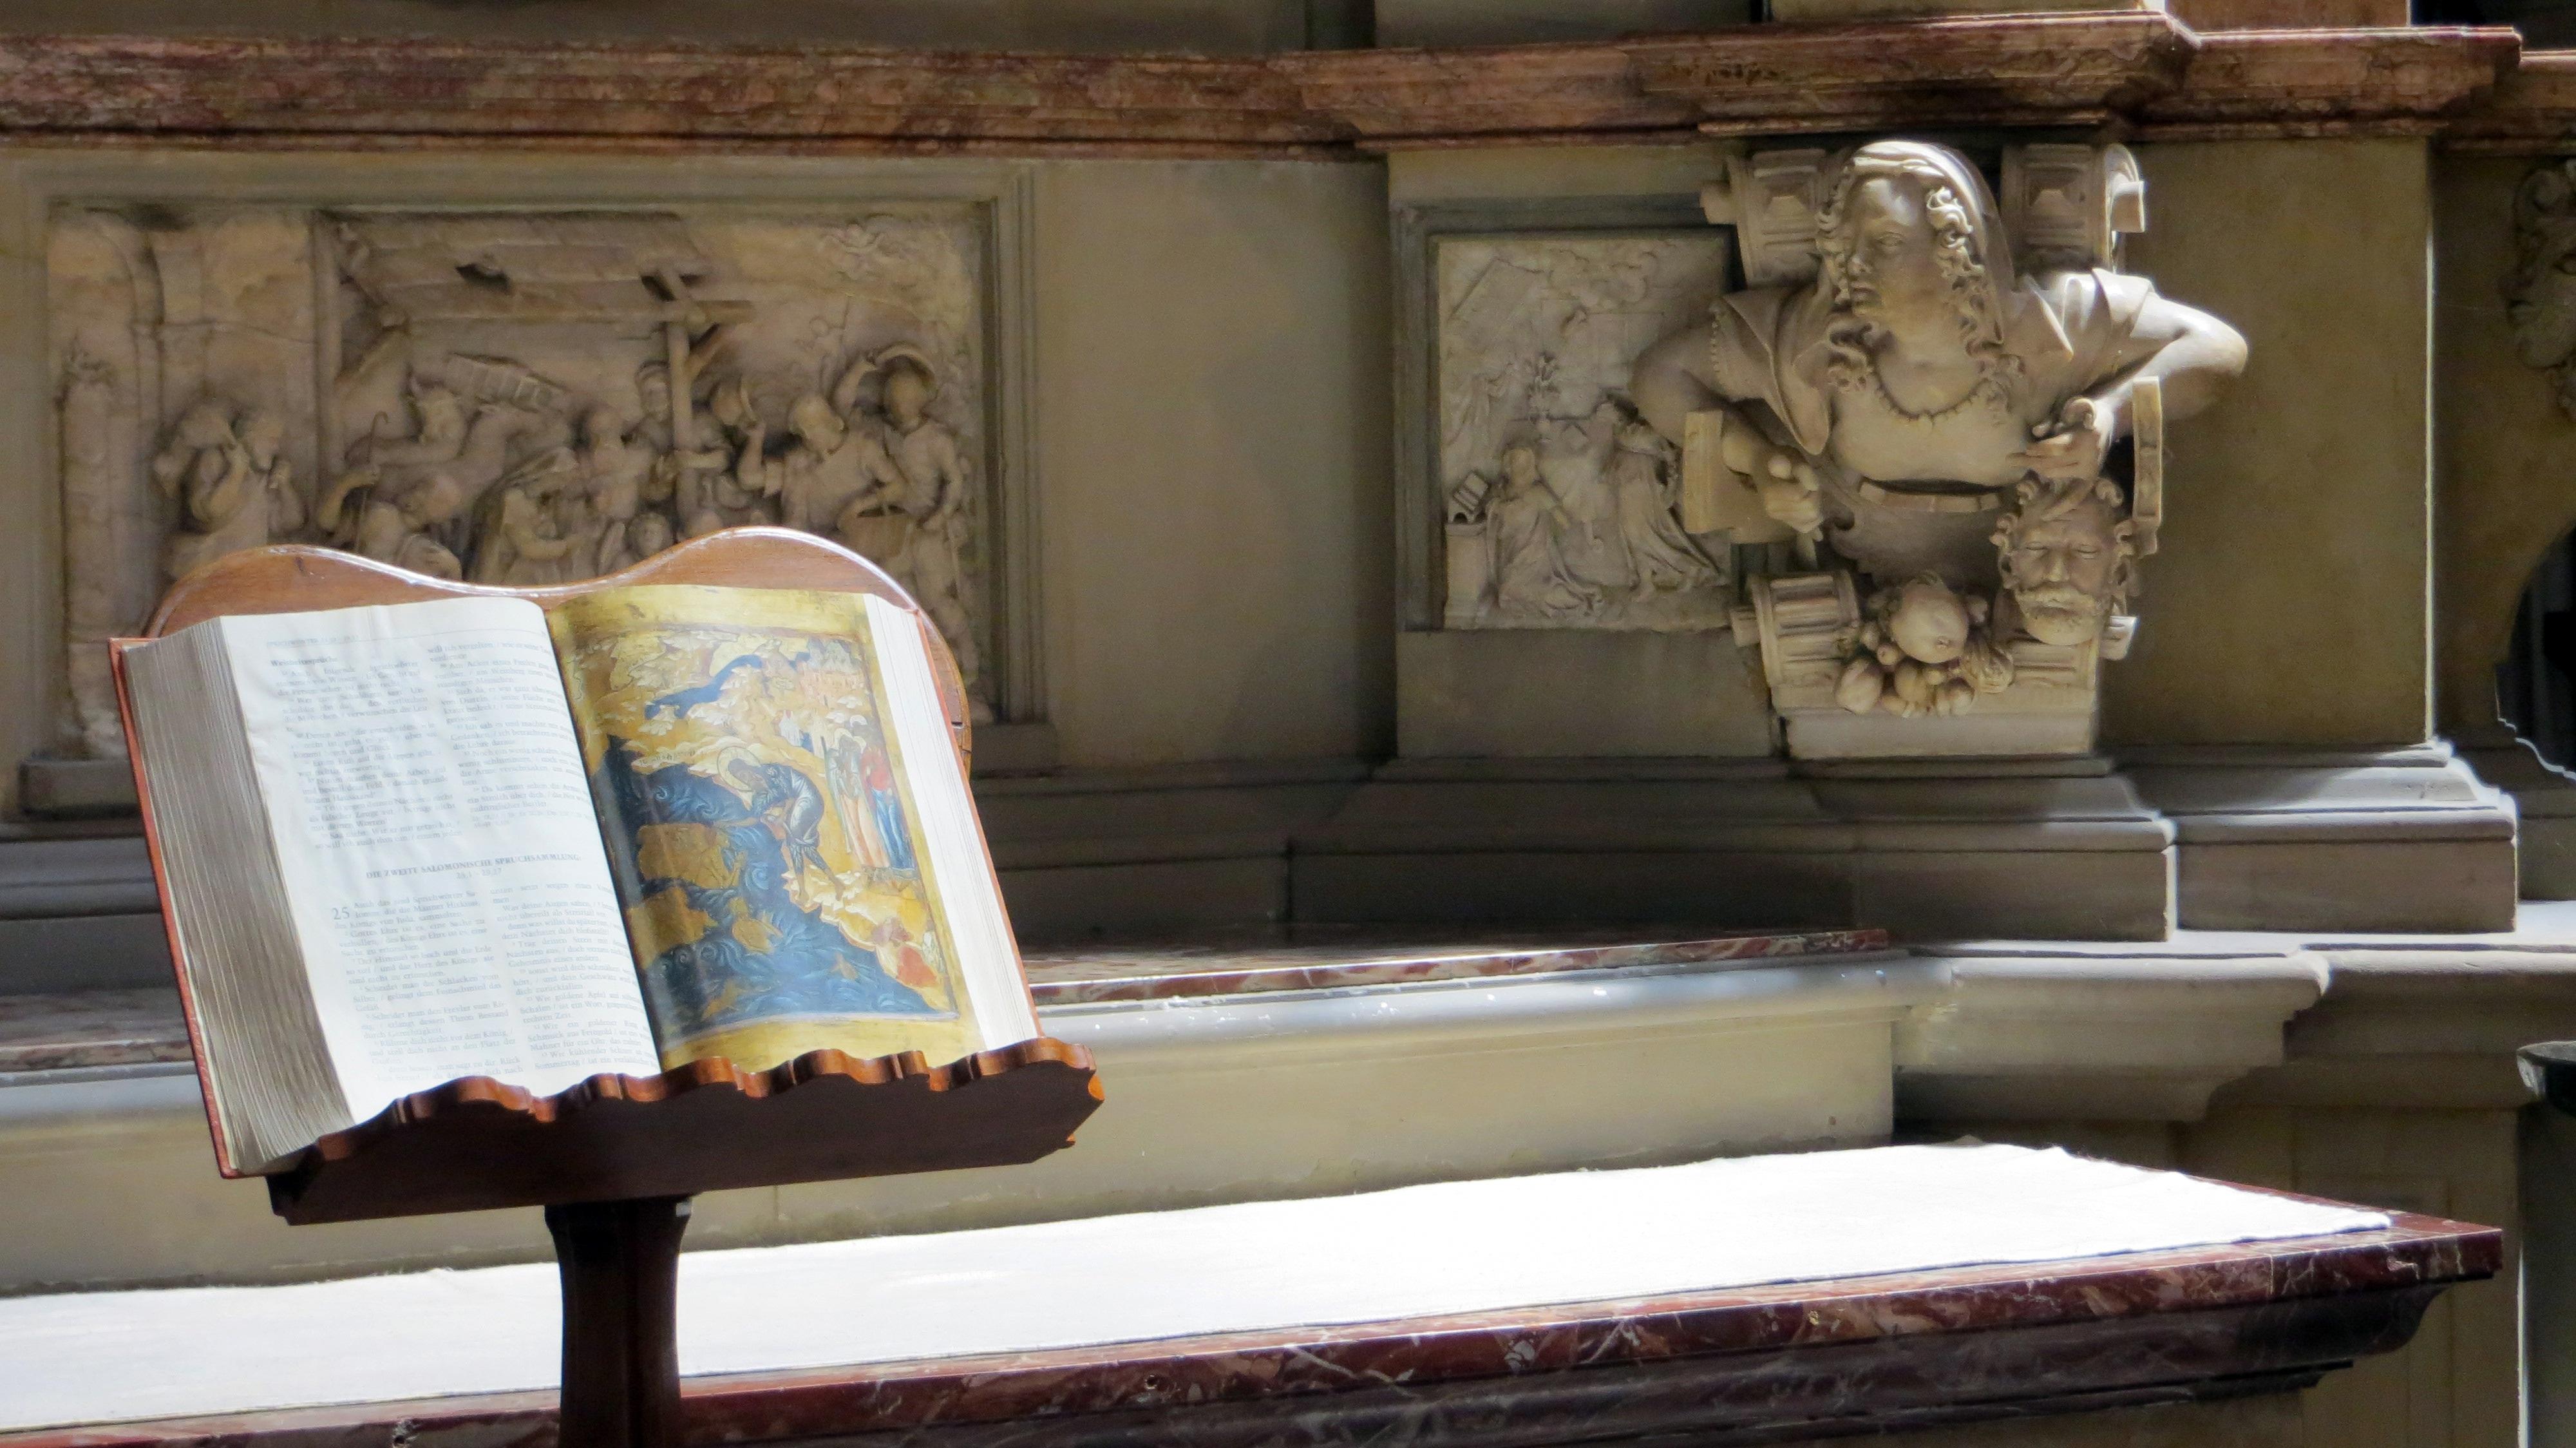 Gratis afbeeldingen hout muur lezing museum kerk woonkamer meubilair kamer bijbel - Schilderij in de kamer ...